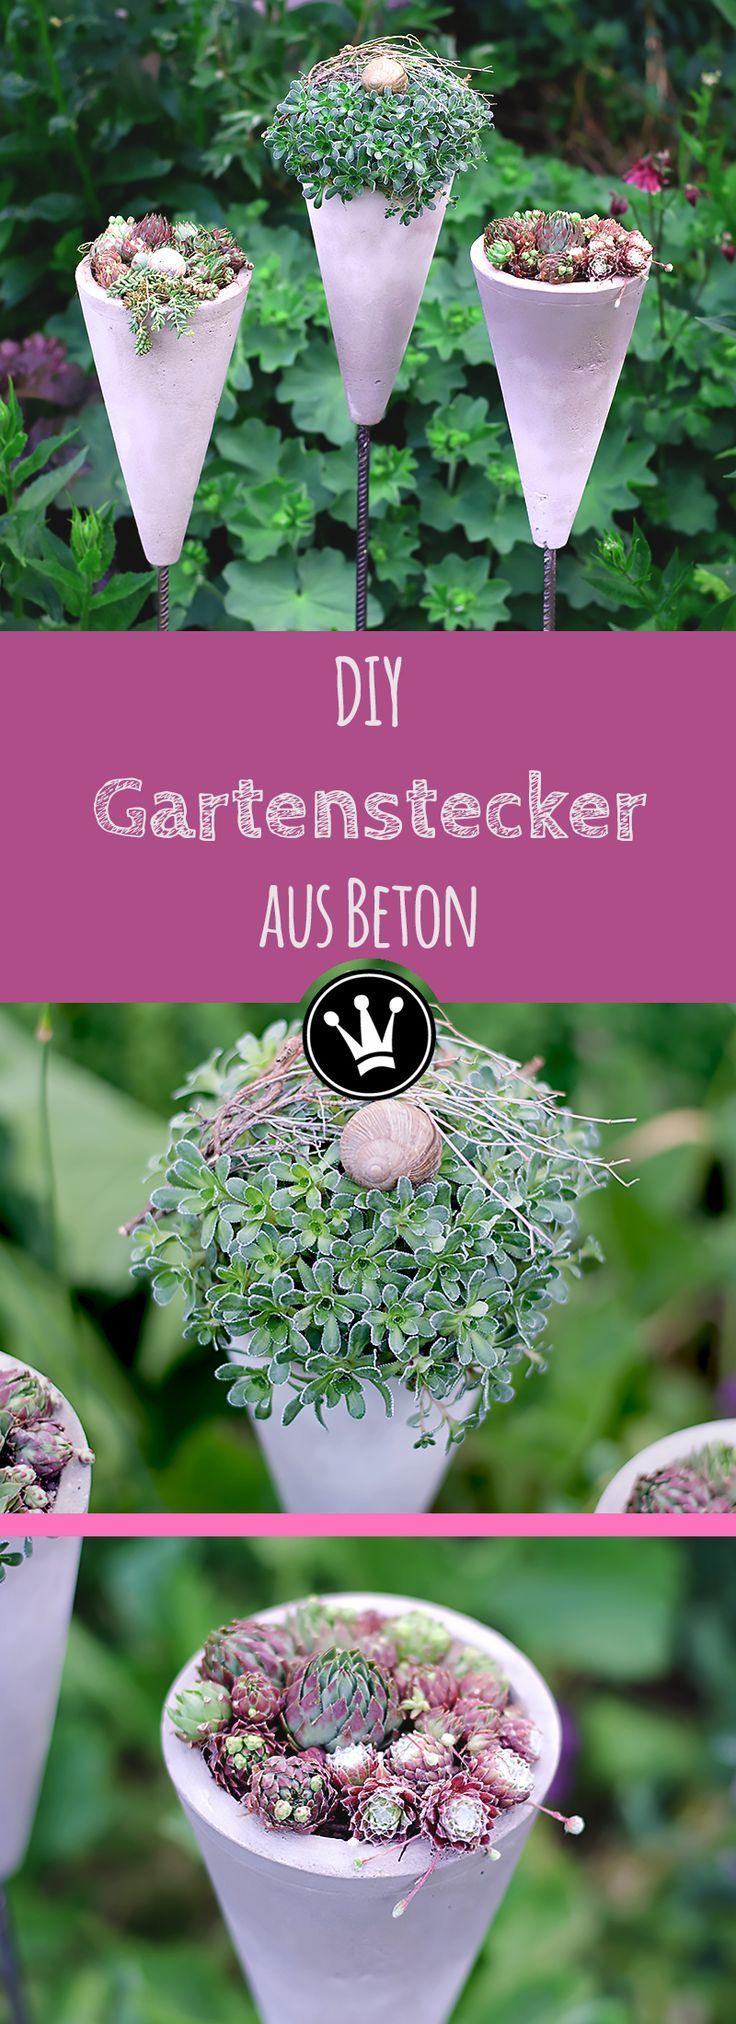 Photo of DIY – Gartenstecker/Blumenampel aus Beton | Betonkegel | Dachwurz | Hängepflanze | How to